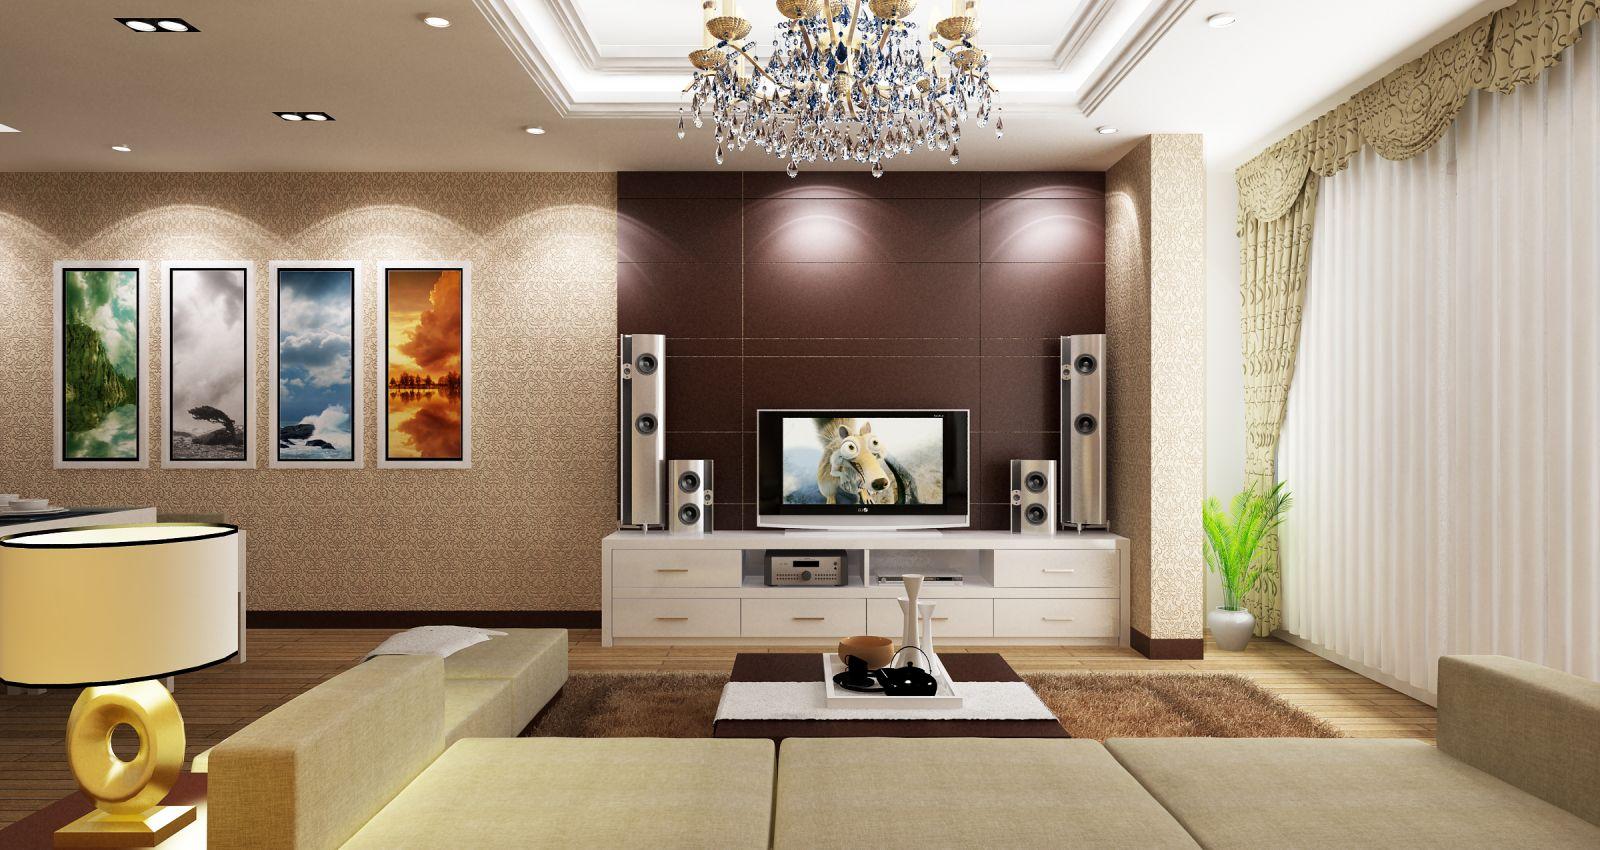 Tìm hiều về khái niệm thiết kế nội thất